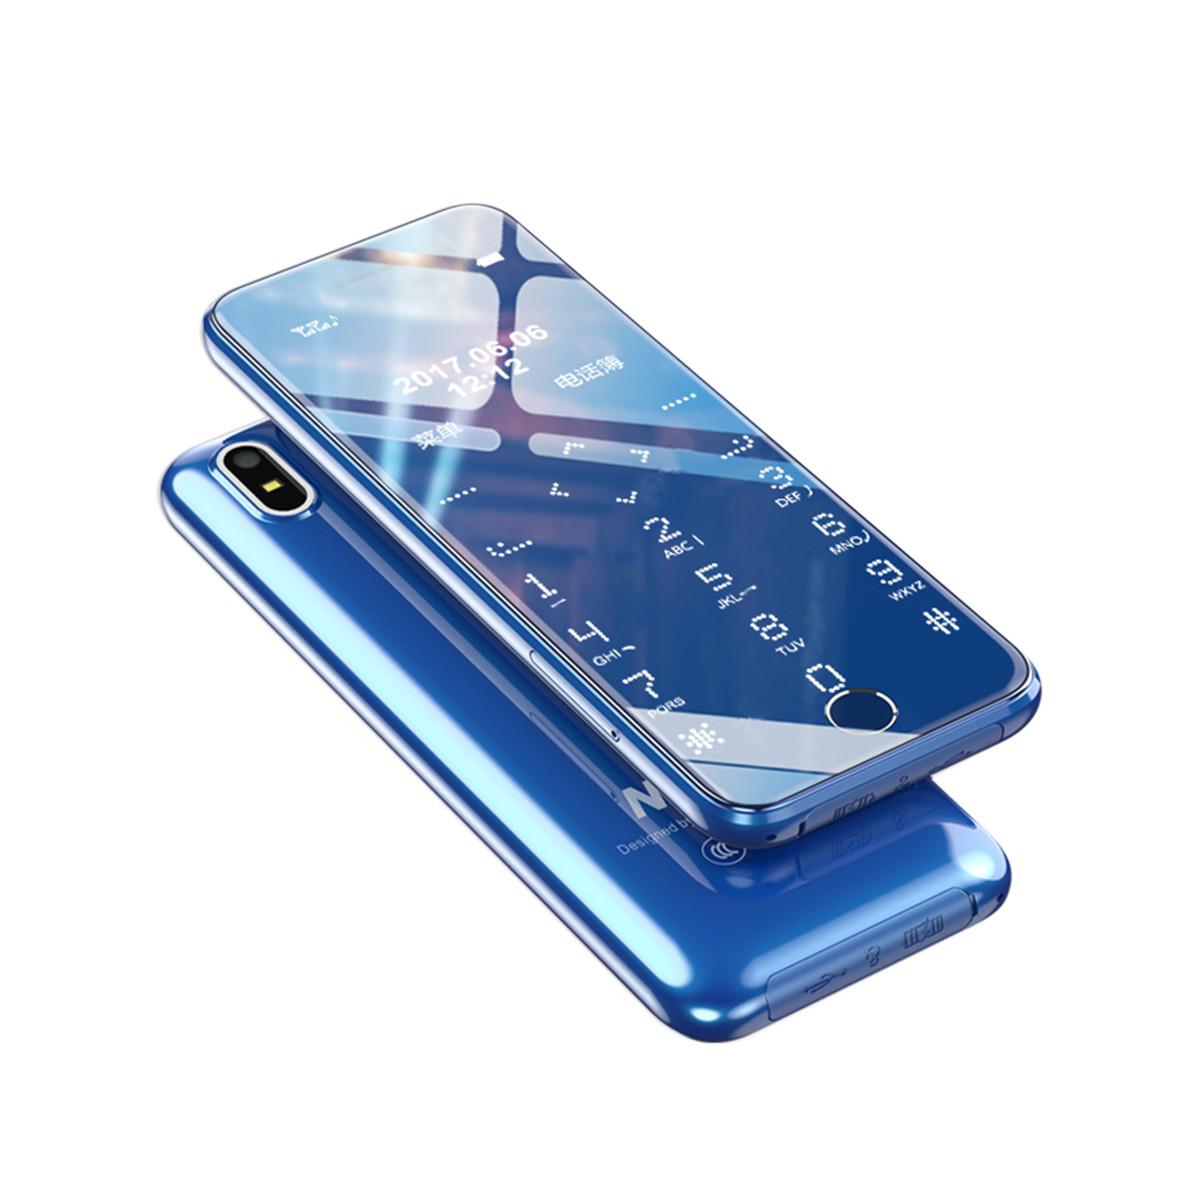 纽曼R15学生儿童手机虚拟按键移动2G长待机戒网备用手机R15蓝色